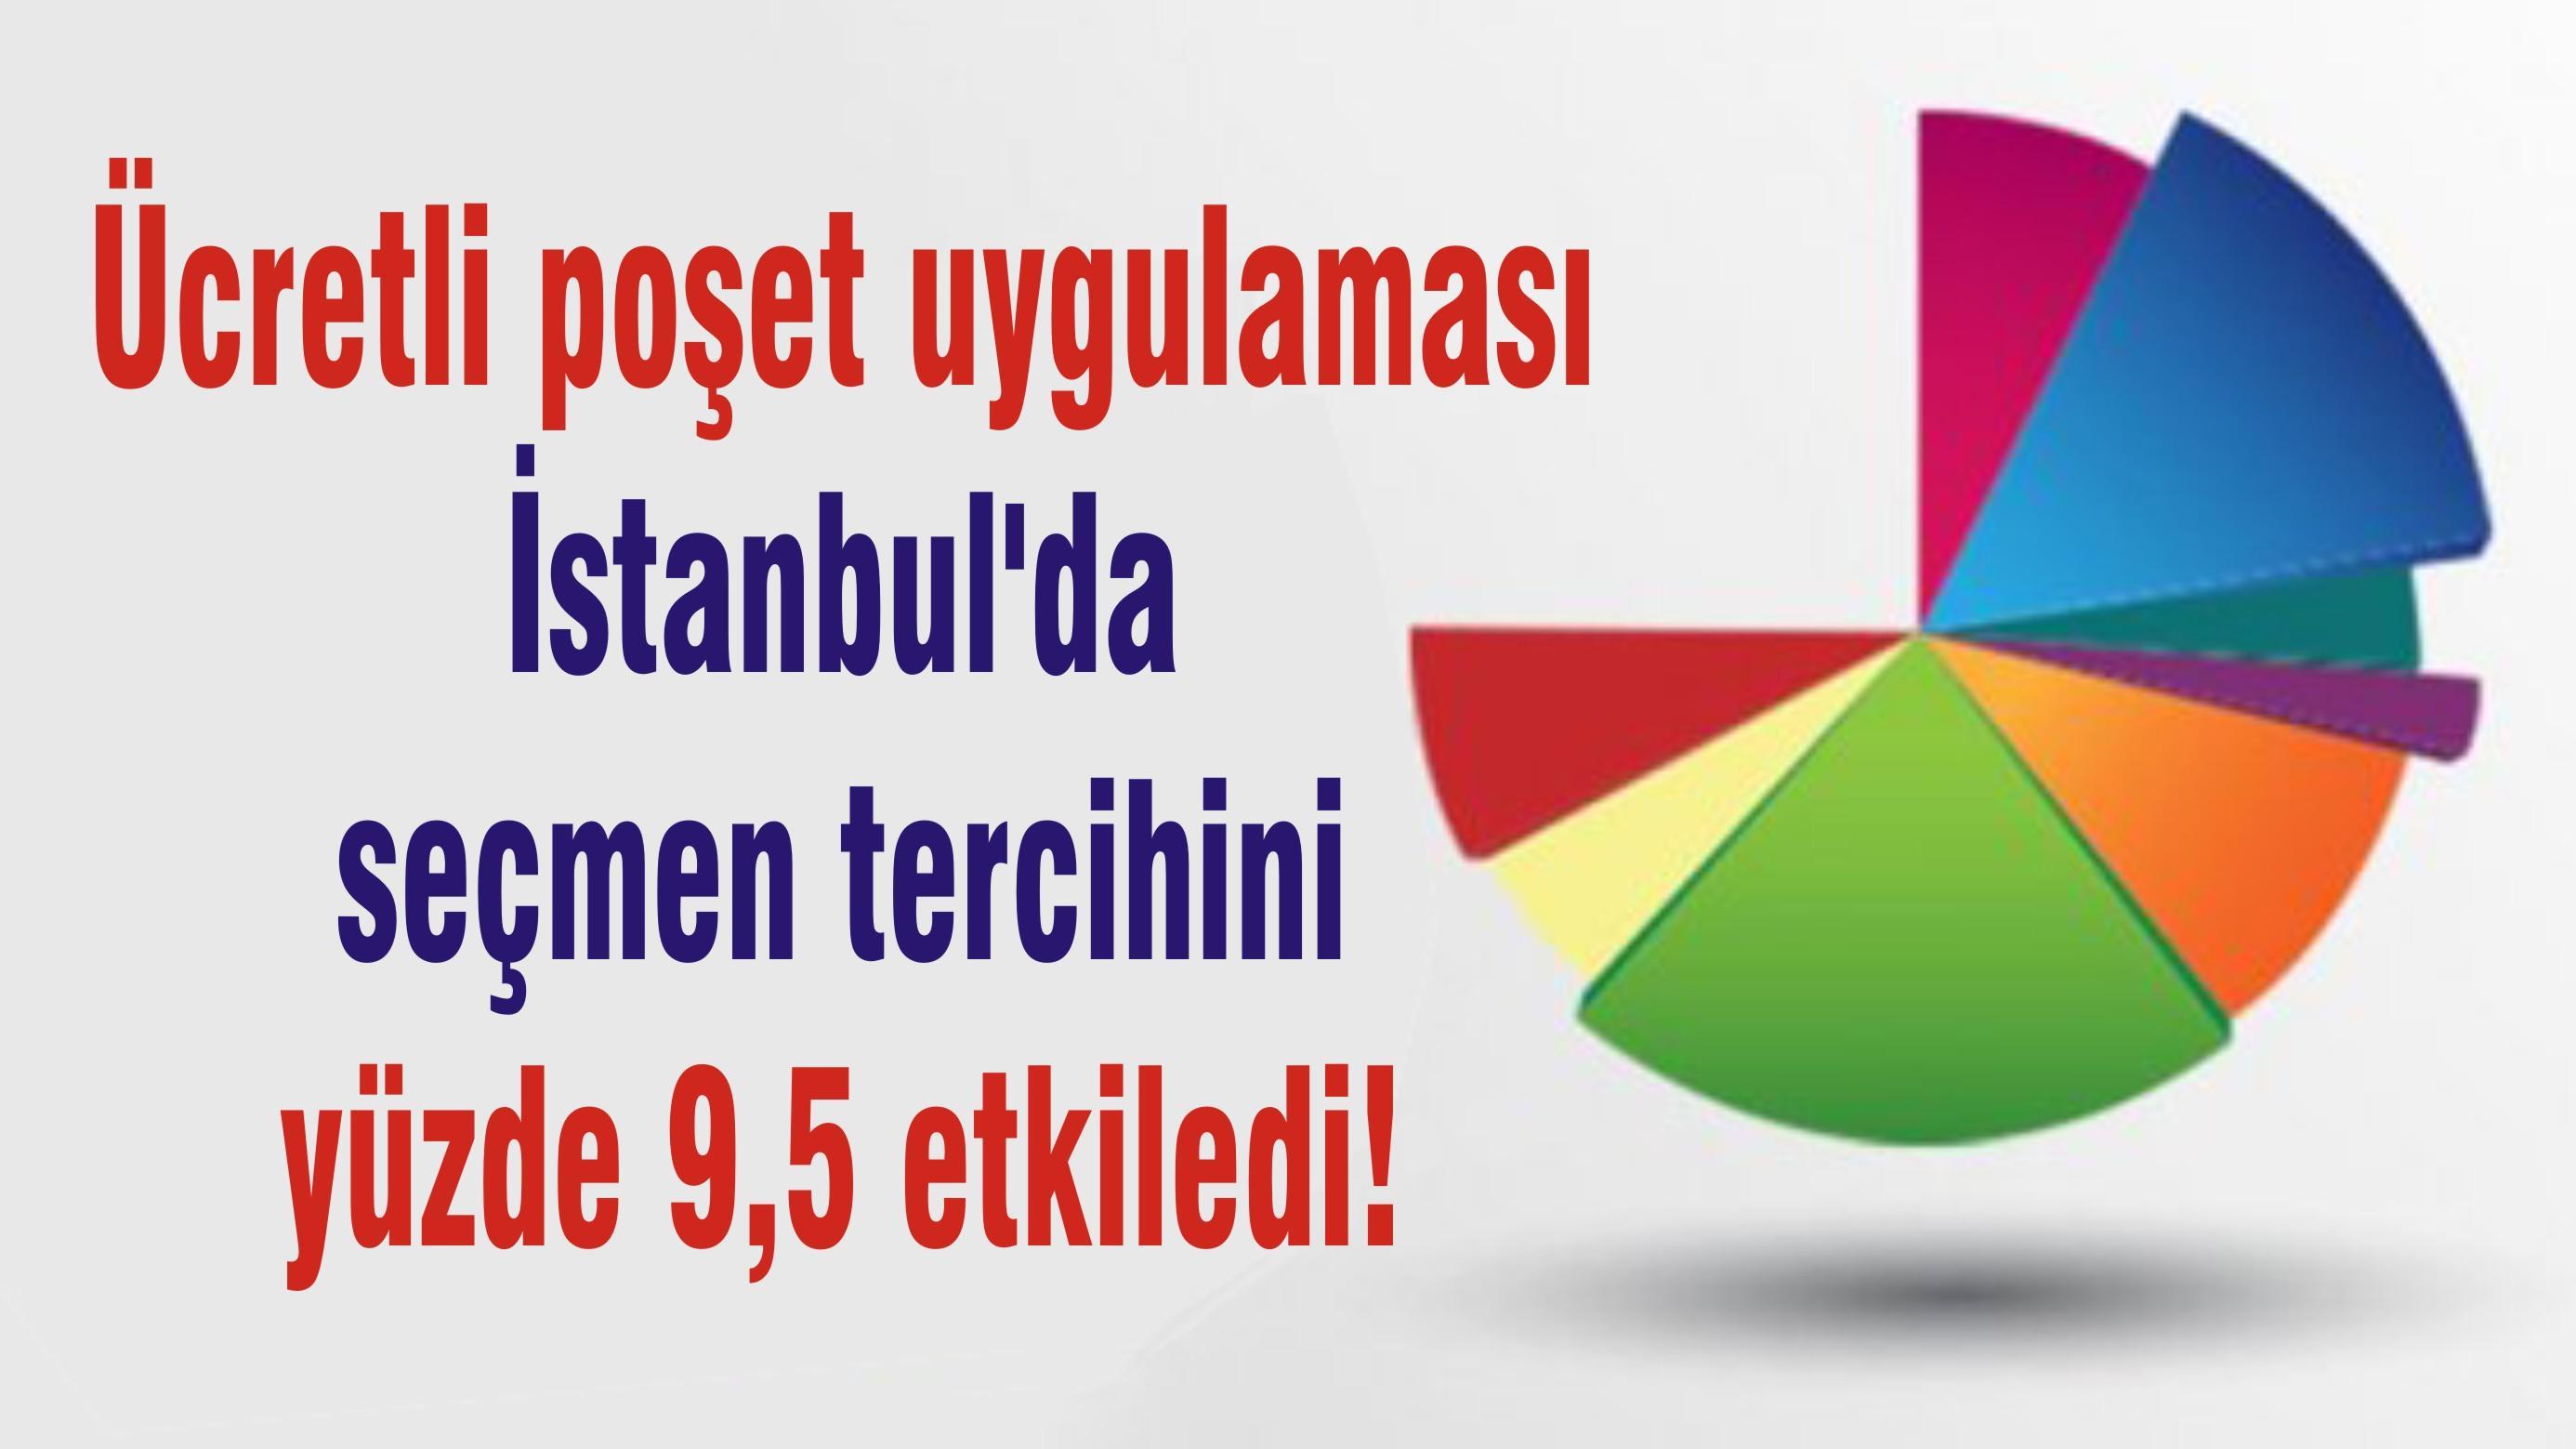 Marketlerde ücretli poşet uygulaması İstanbul'da seçmen tercihini yüzde 9,5 etkiledi!